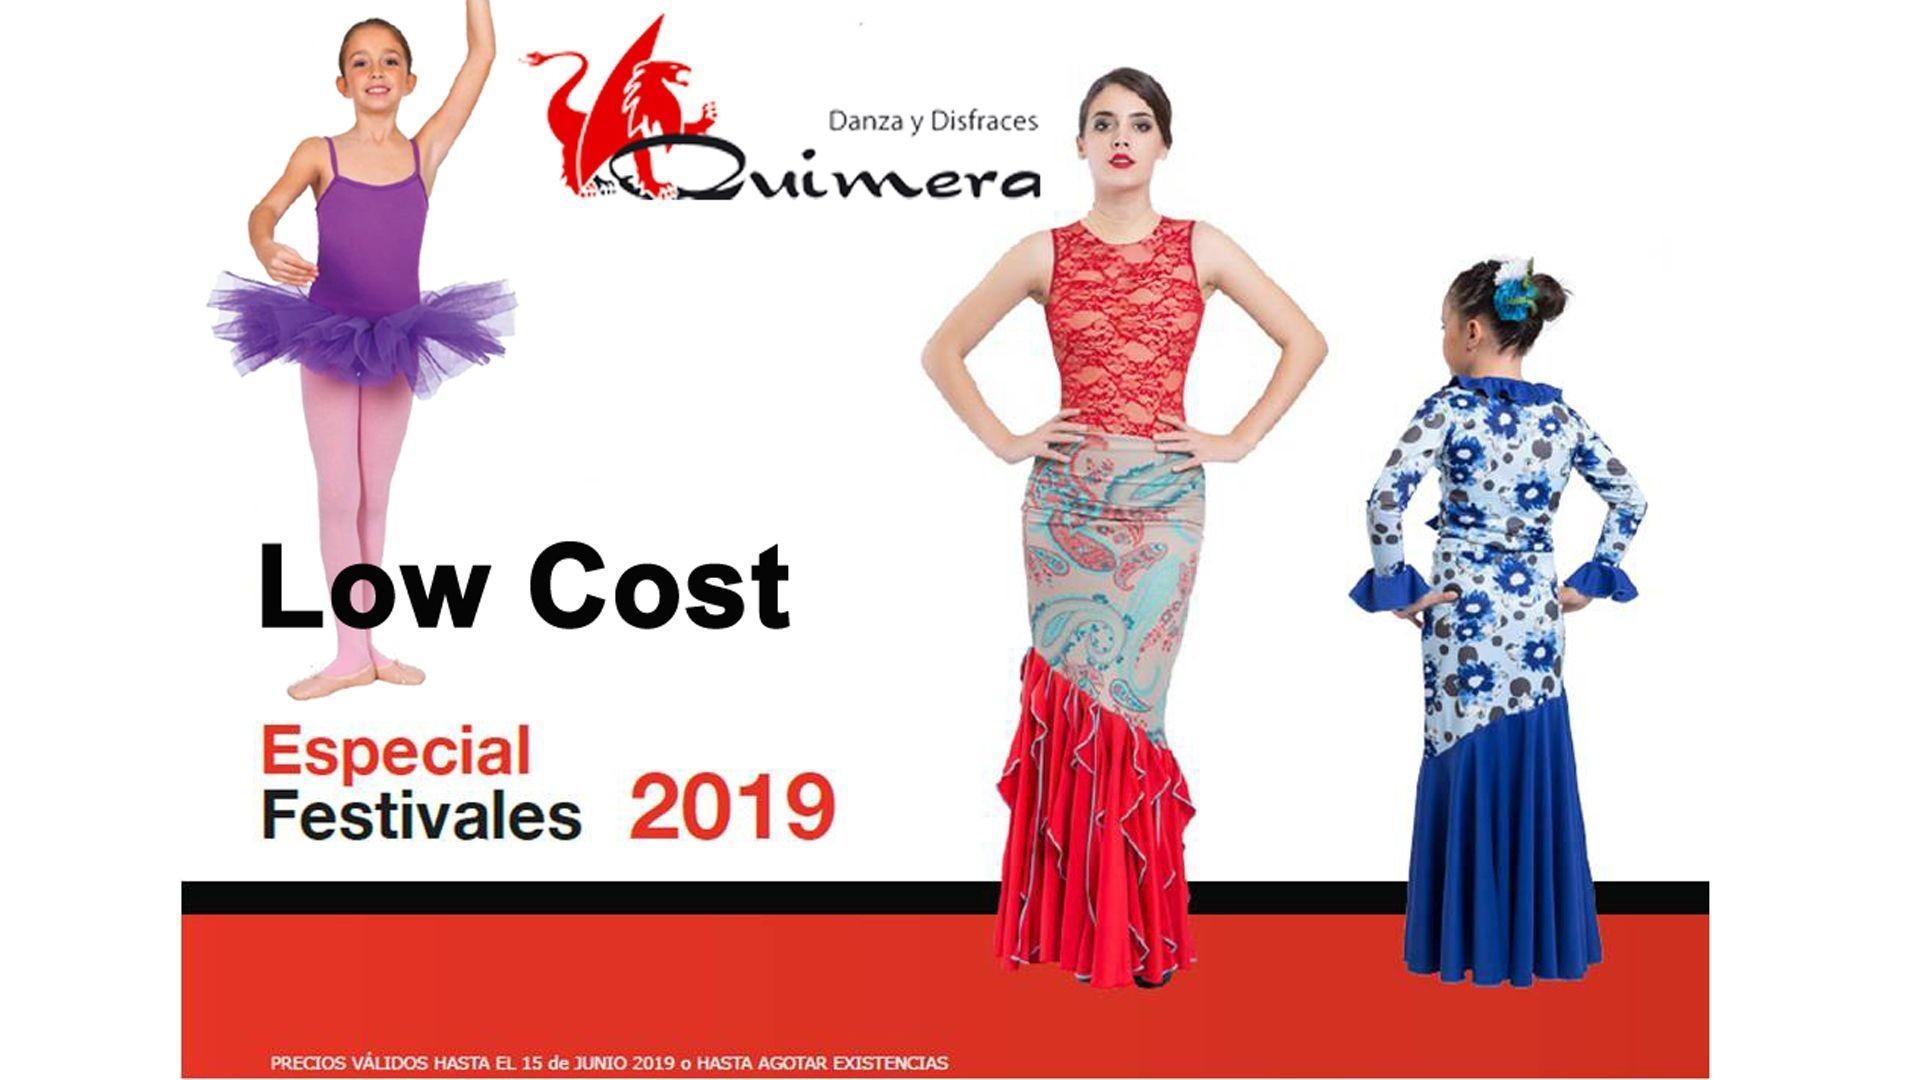 Portada Quimera Low Cost Festivales 2019 1920x1080